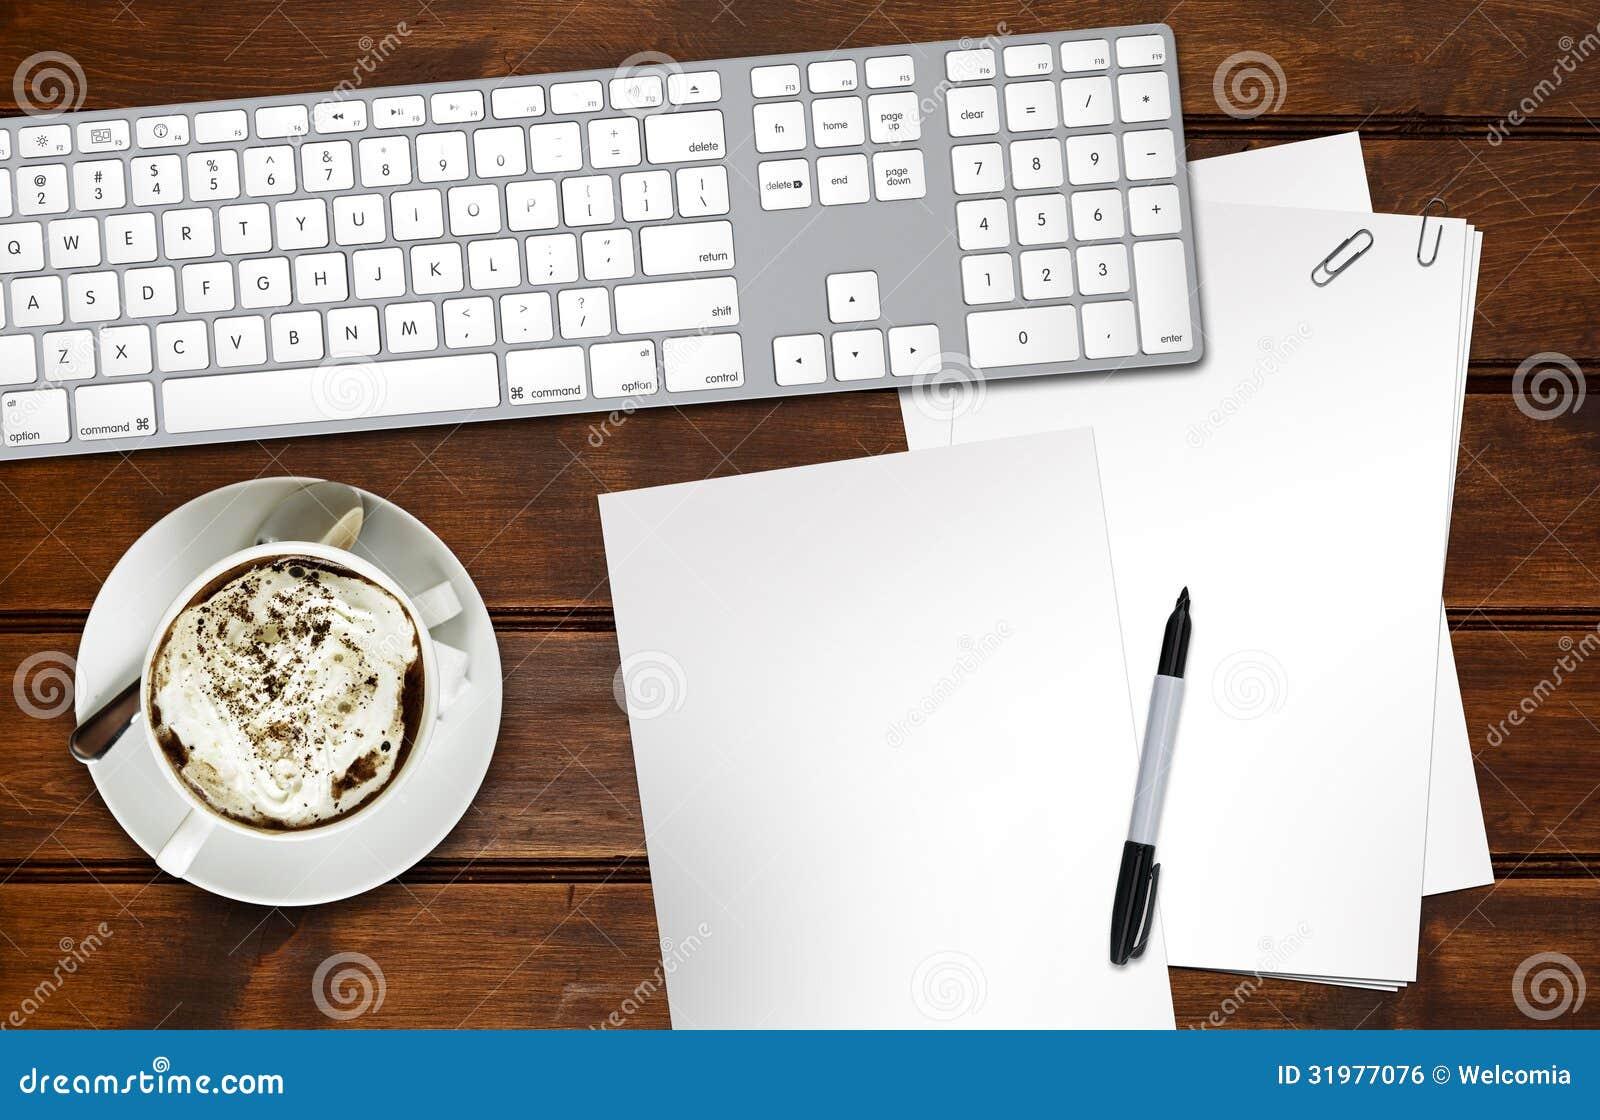 Espresso Machines Essay Sample